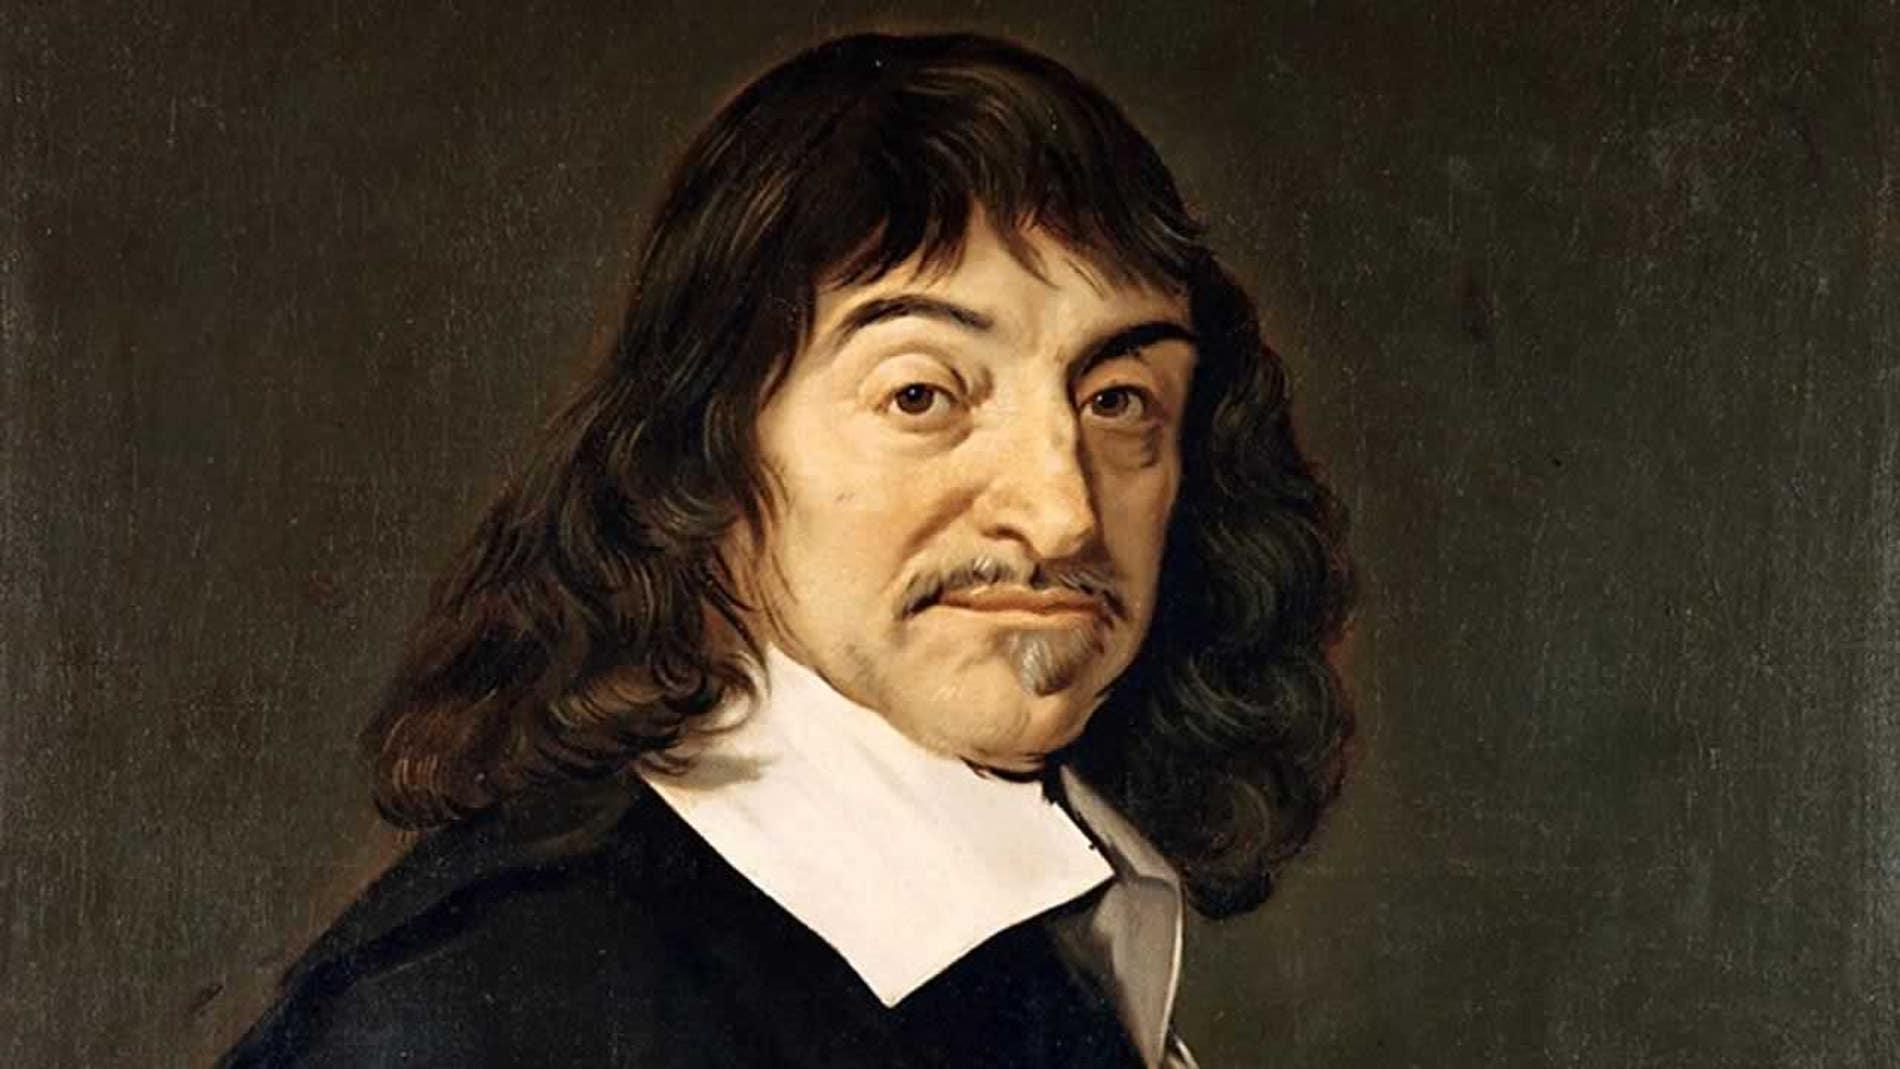 Retrato de Rene Descartes (Frans Hals)